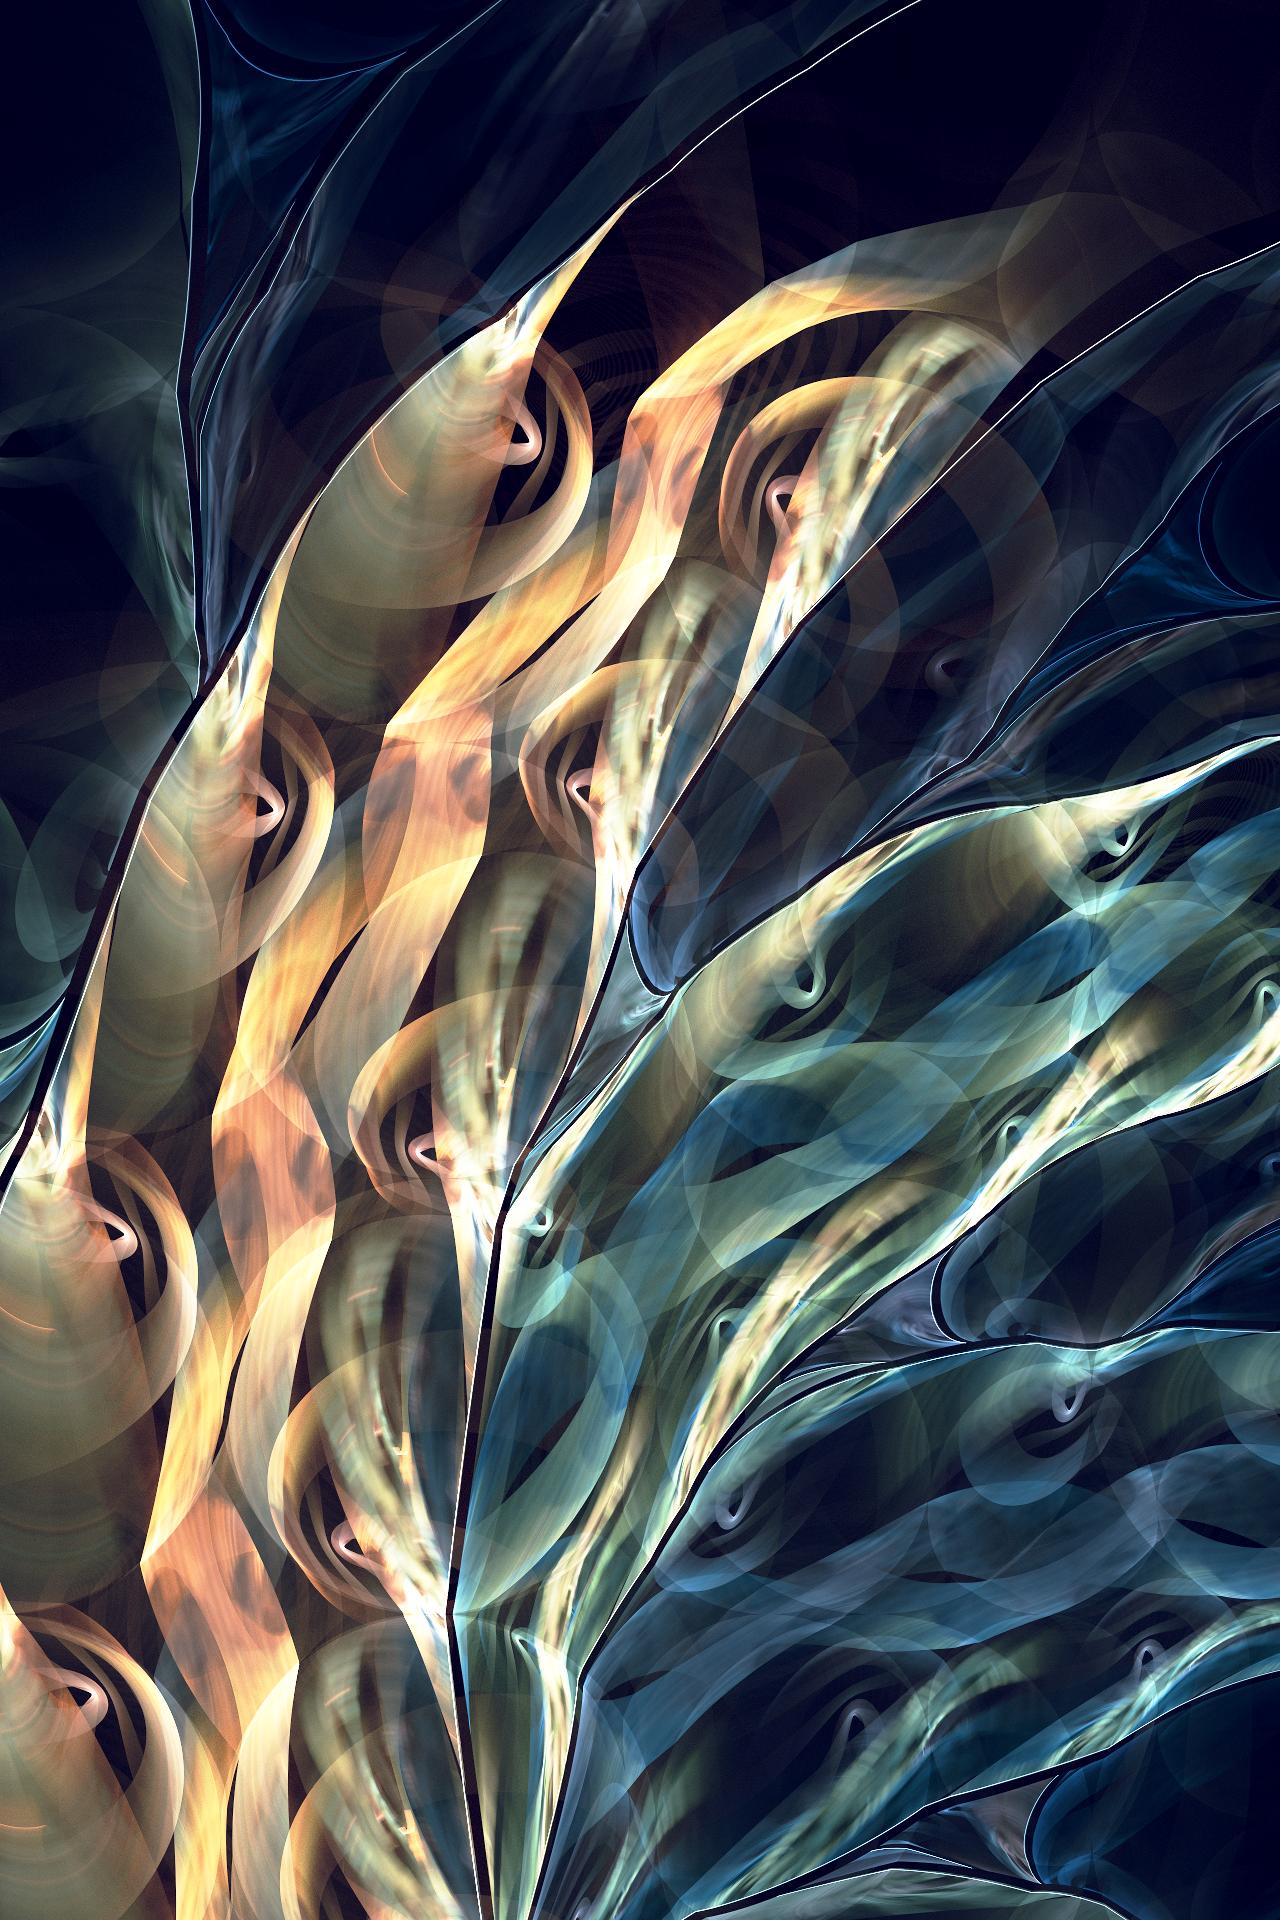 Seaweed by C-91